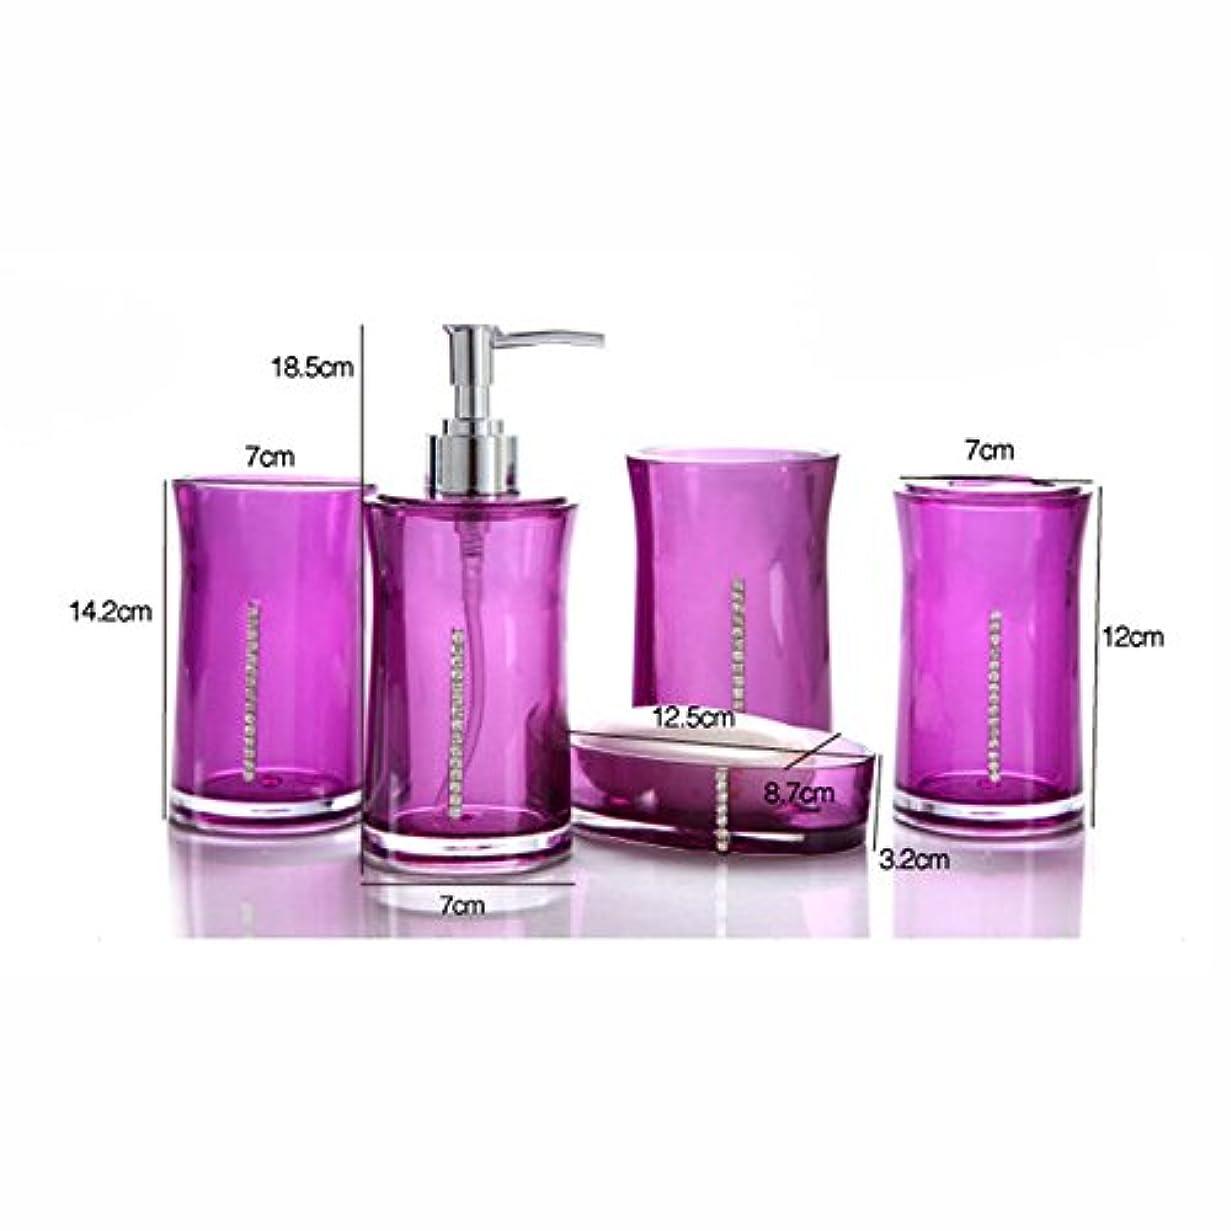 着るマスタードポータルxlp シャワージェルアクリルボトル、キッチンバス用シャンプー液体石鹸ディスペンサーボトル (紫)